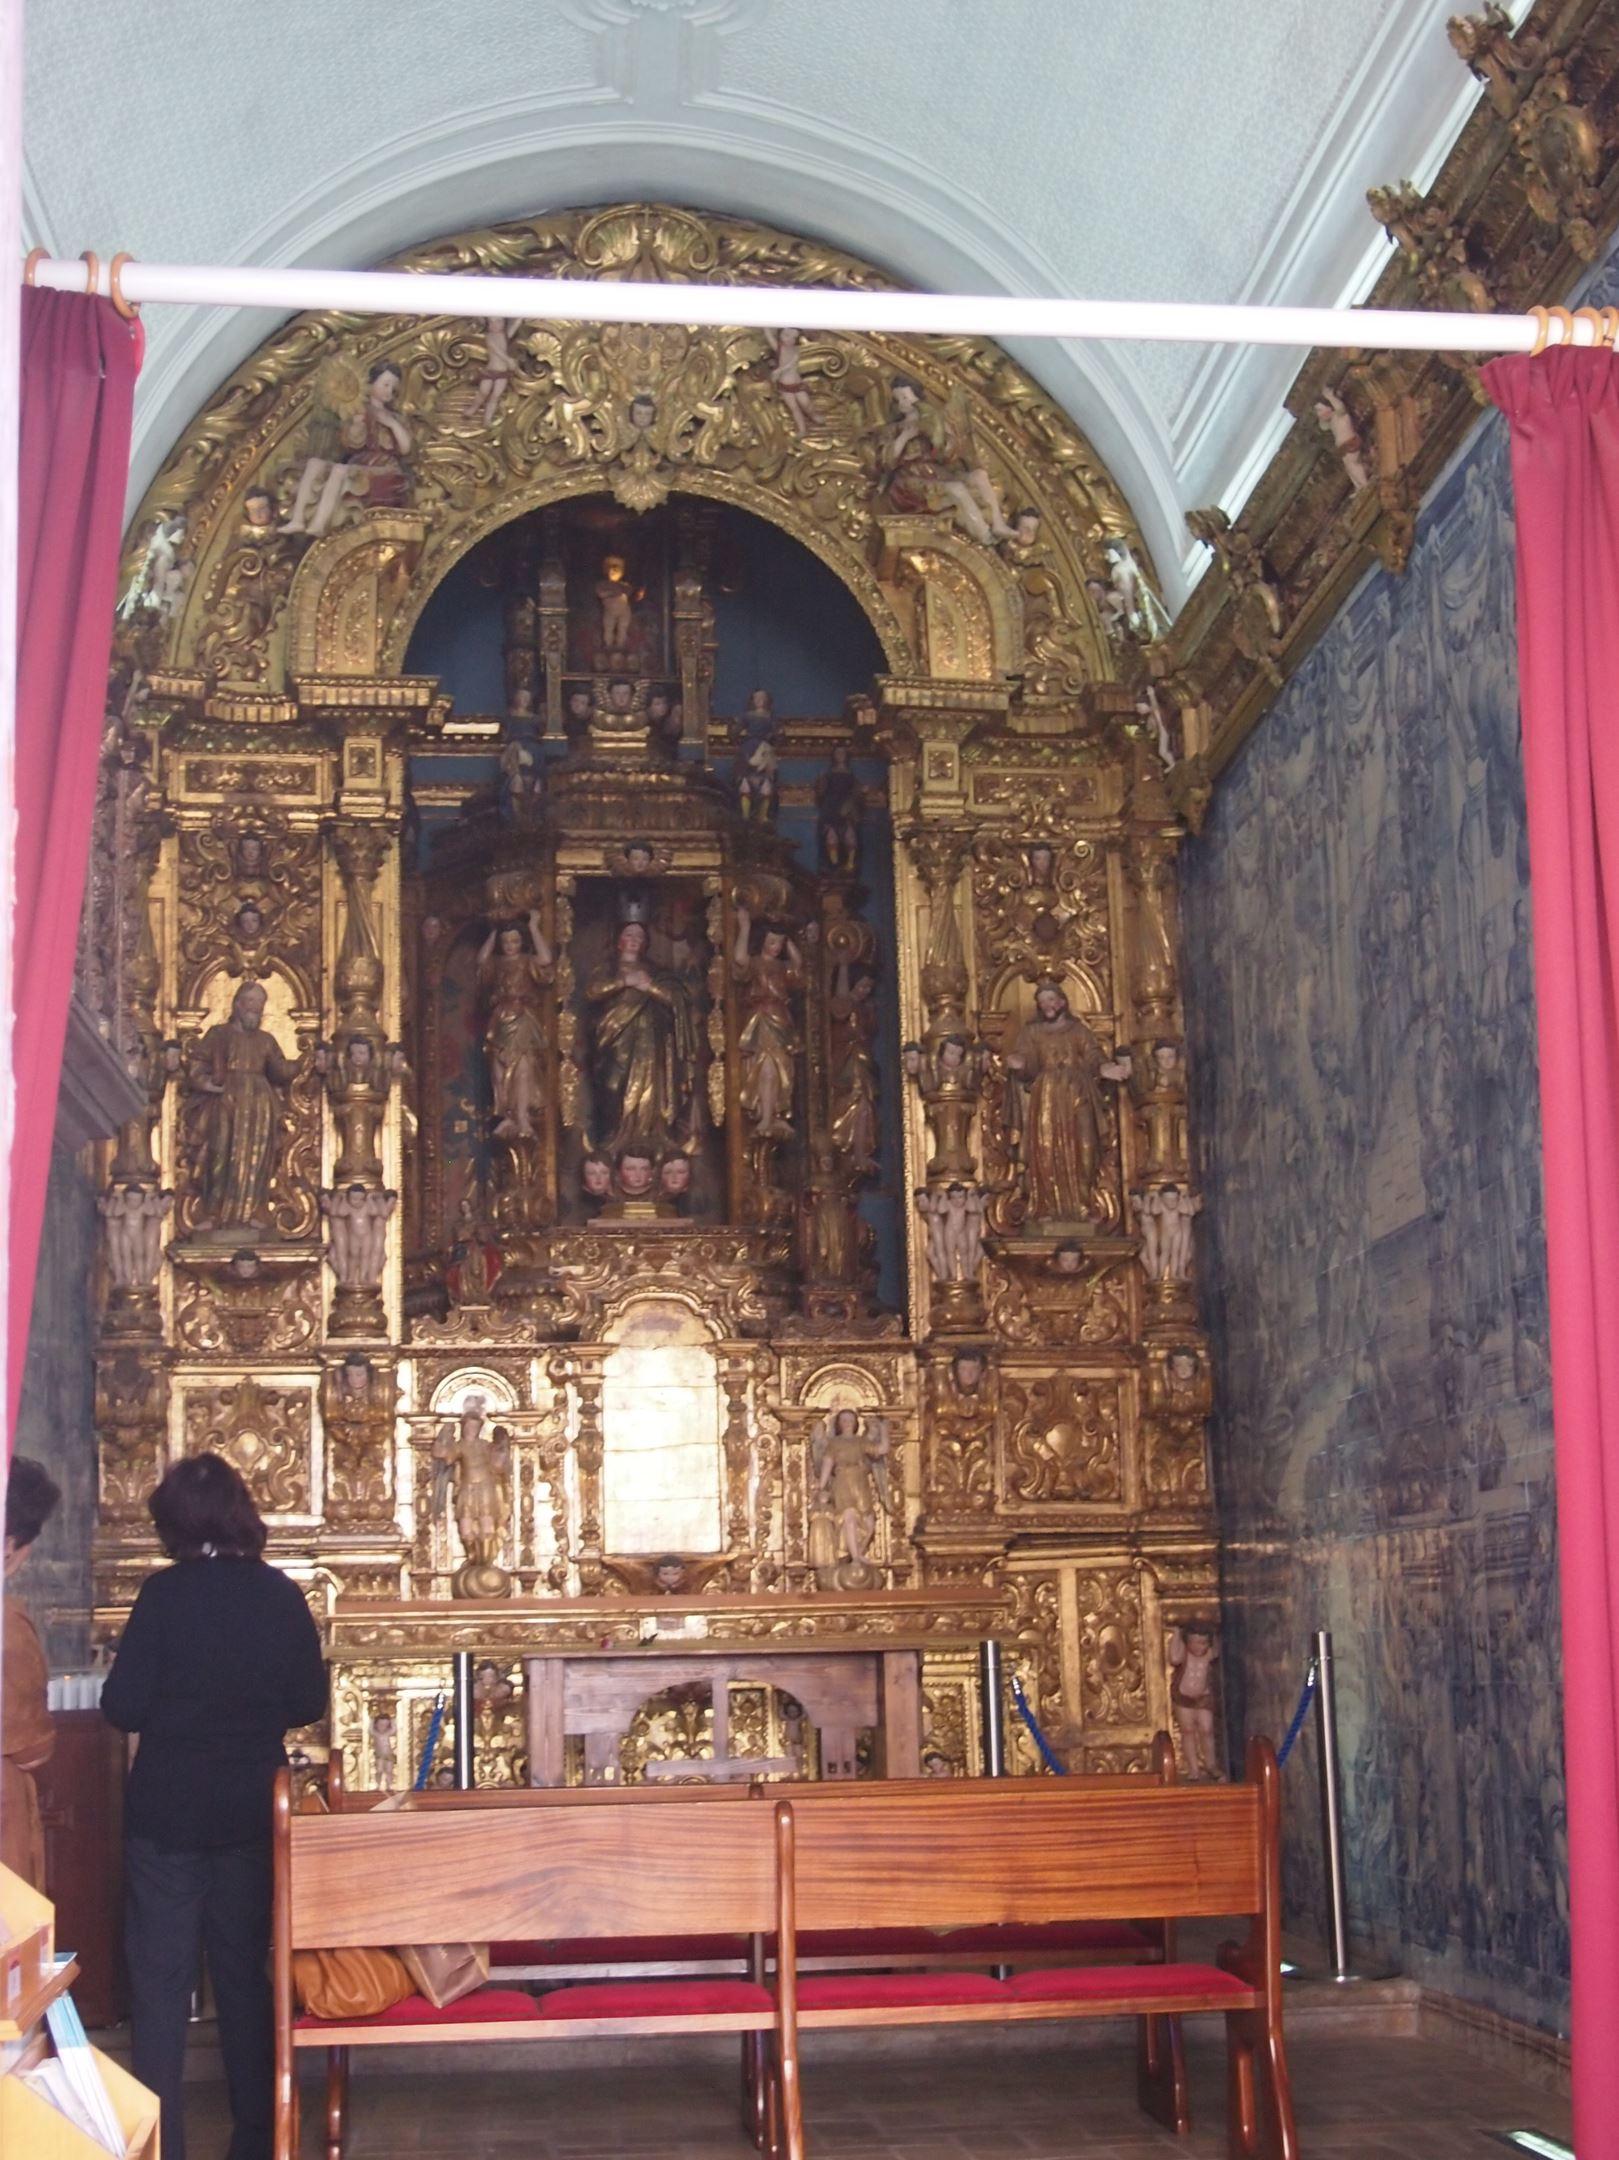 Capela de Nossa Senhora da Conceição, Loulé, Algarve